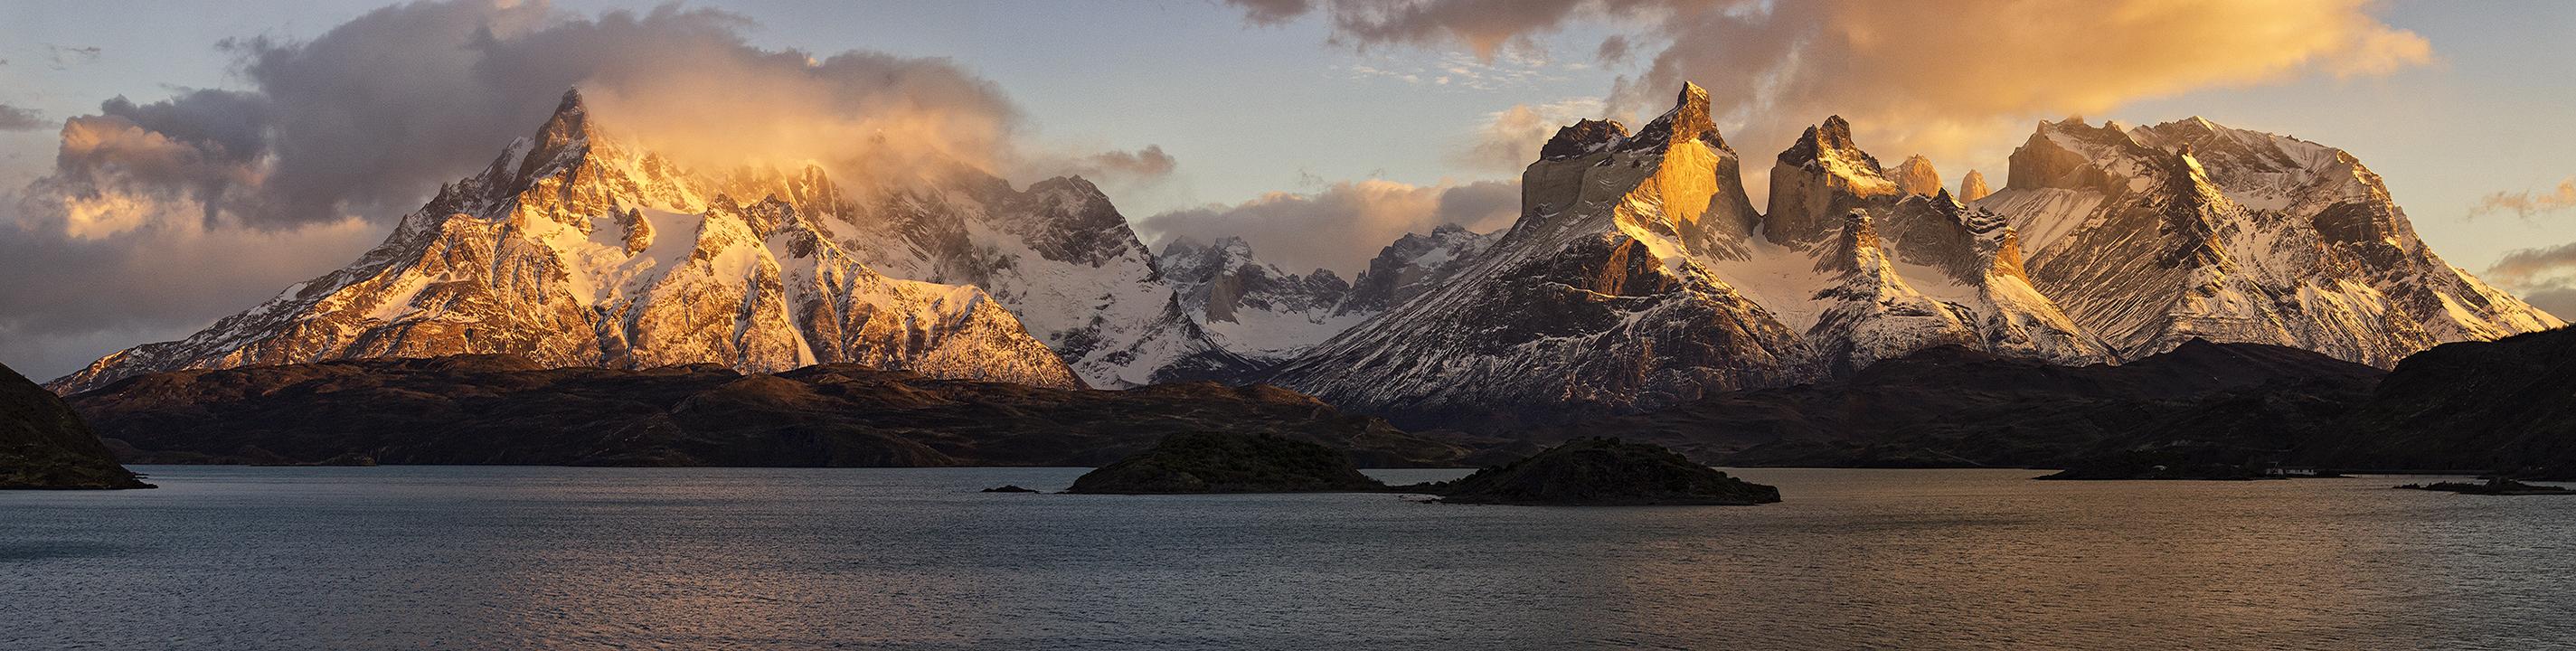 Macizo del Paine by ADeliriumTrigger